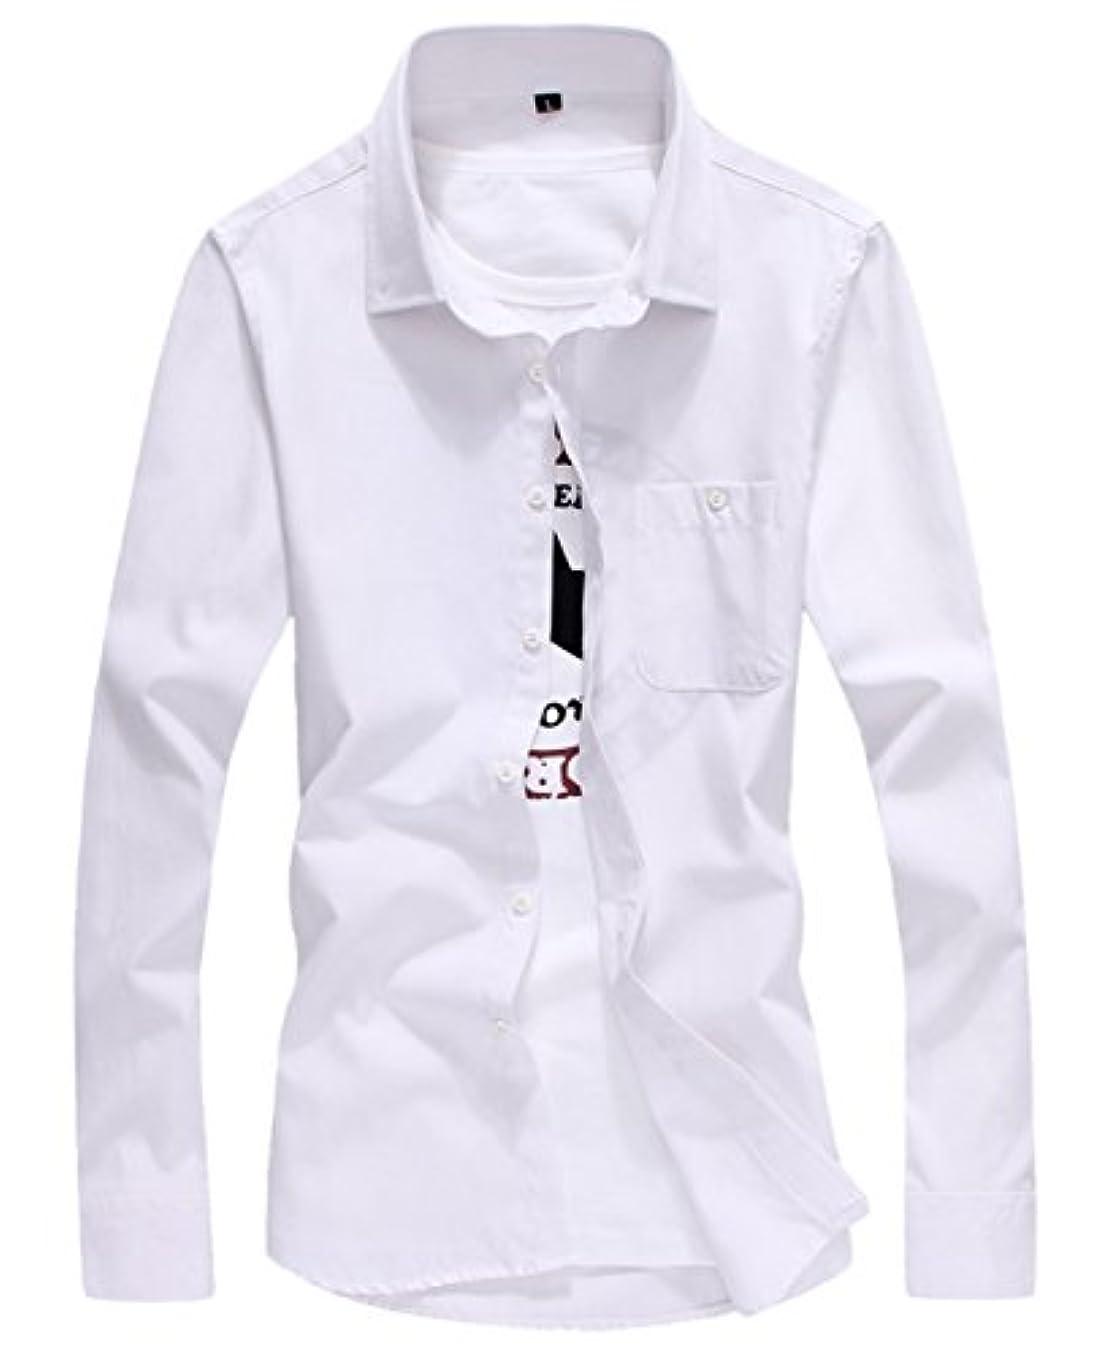 残り物遡る腐敗した[スゴフィ]SGFY ドレスシャツ メンズ 長袖 スリム ビジネス カジュアル シンプル おしゃれ 襟付き カッターシャツ フィット 無地 8色展開 (M, ホワイト)